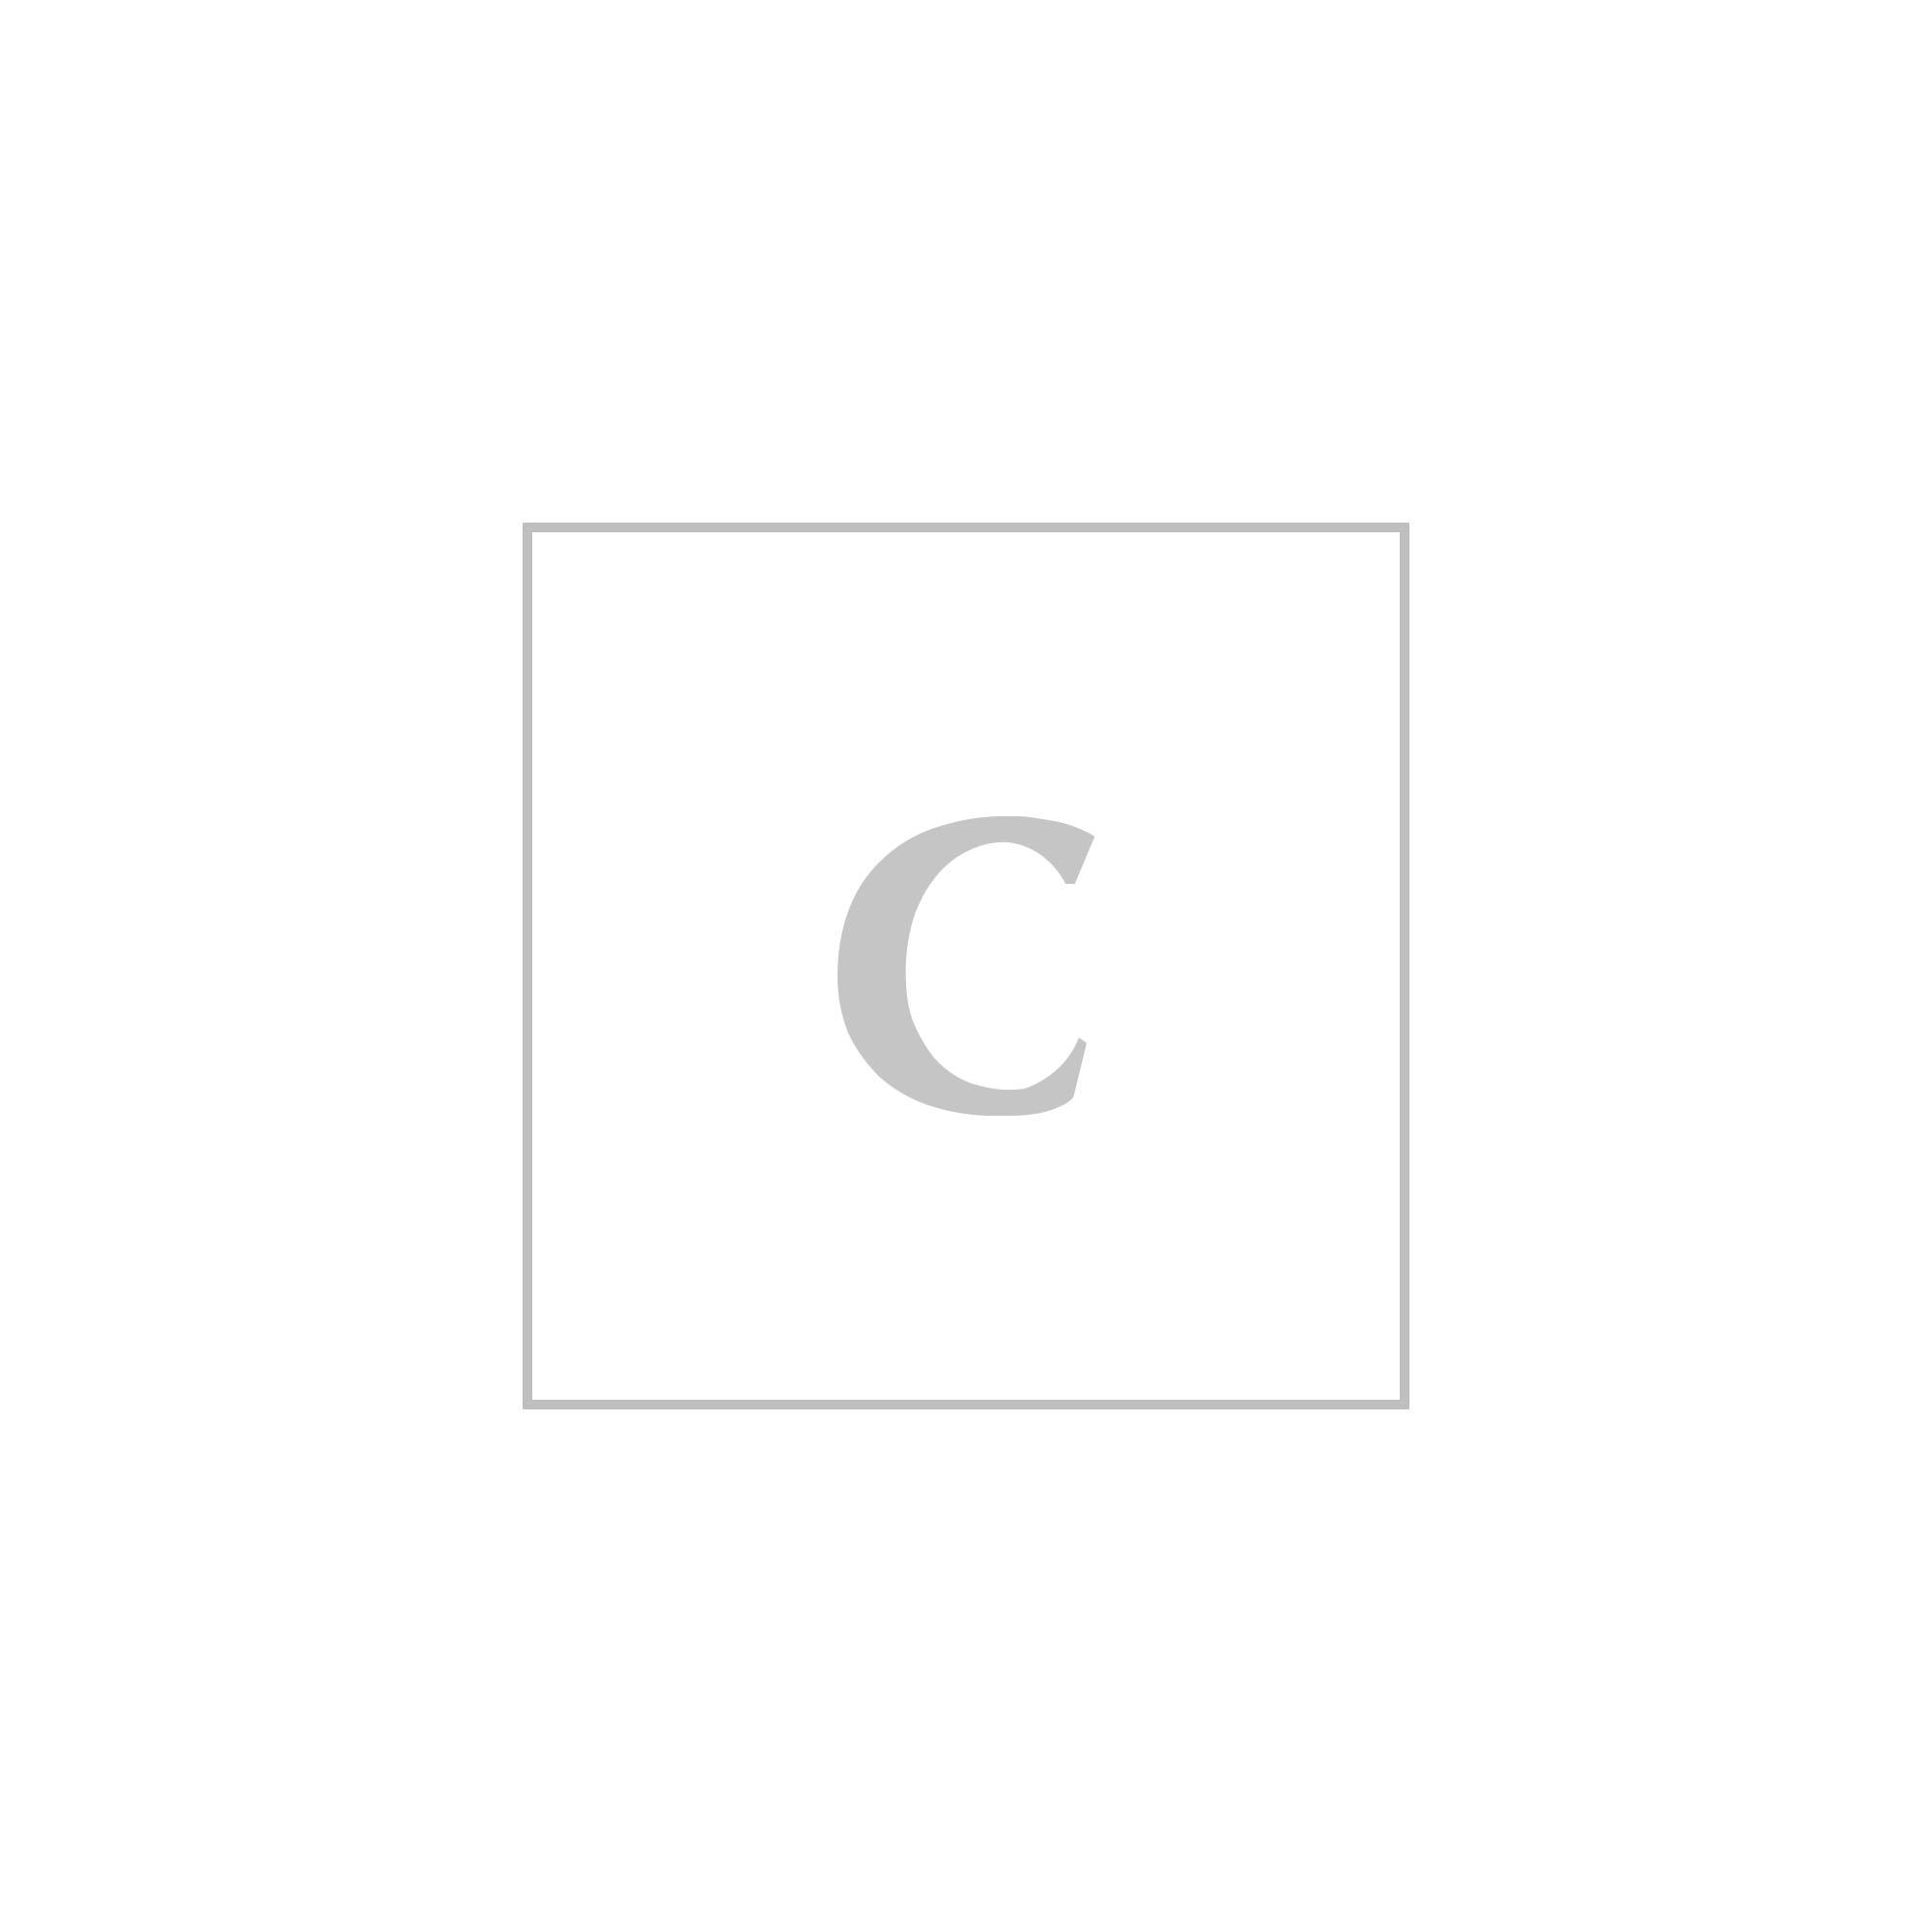 dolce & gabbana abbigliamento donna t-shirt stampa logo